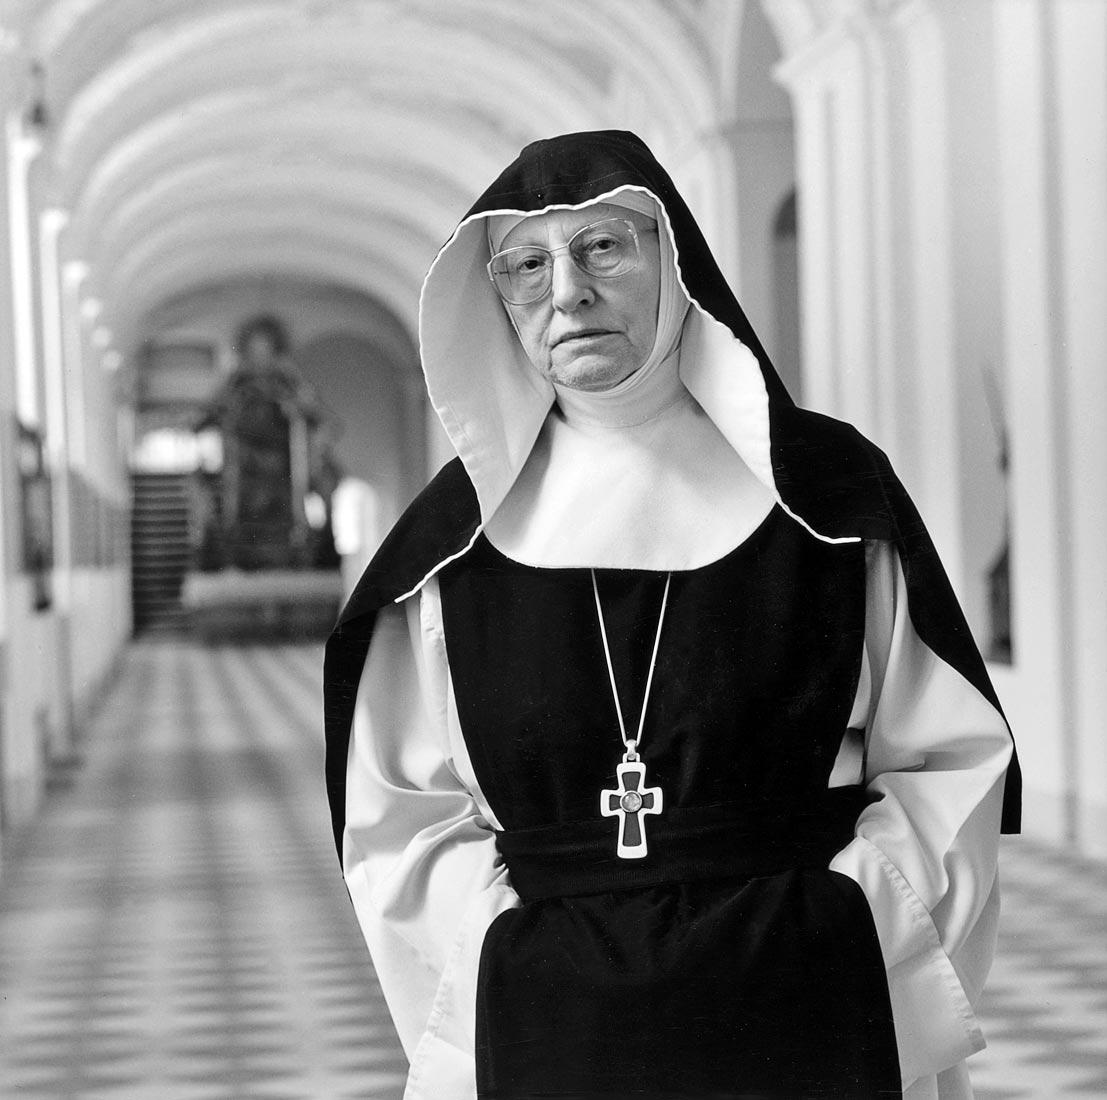 Äbtissin Maria Immaculata der Zisterzienserinnenabtei - Waldsassen 1989